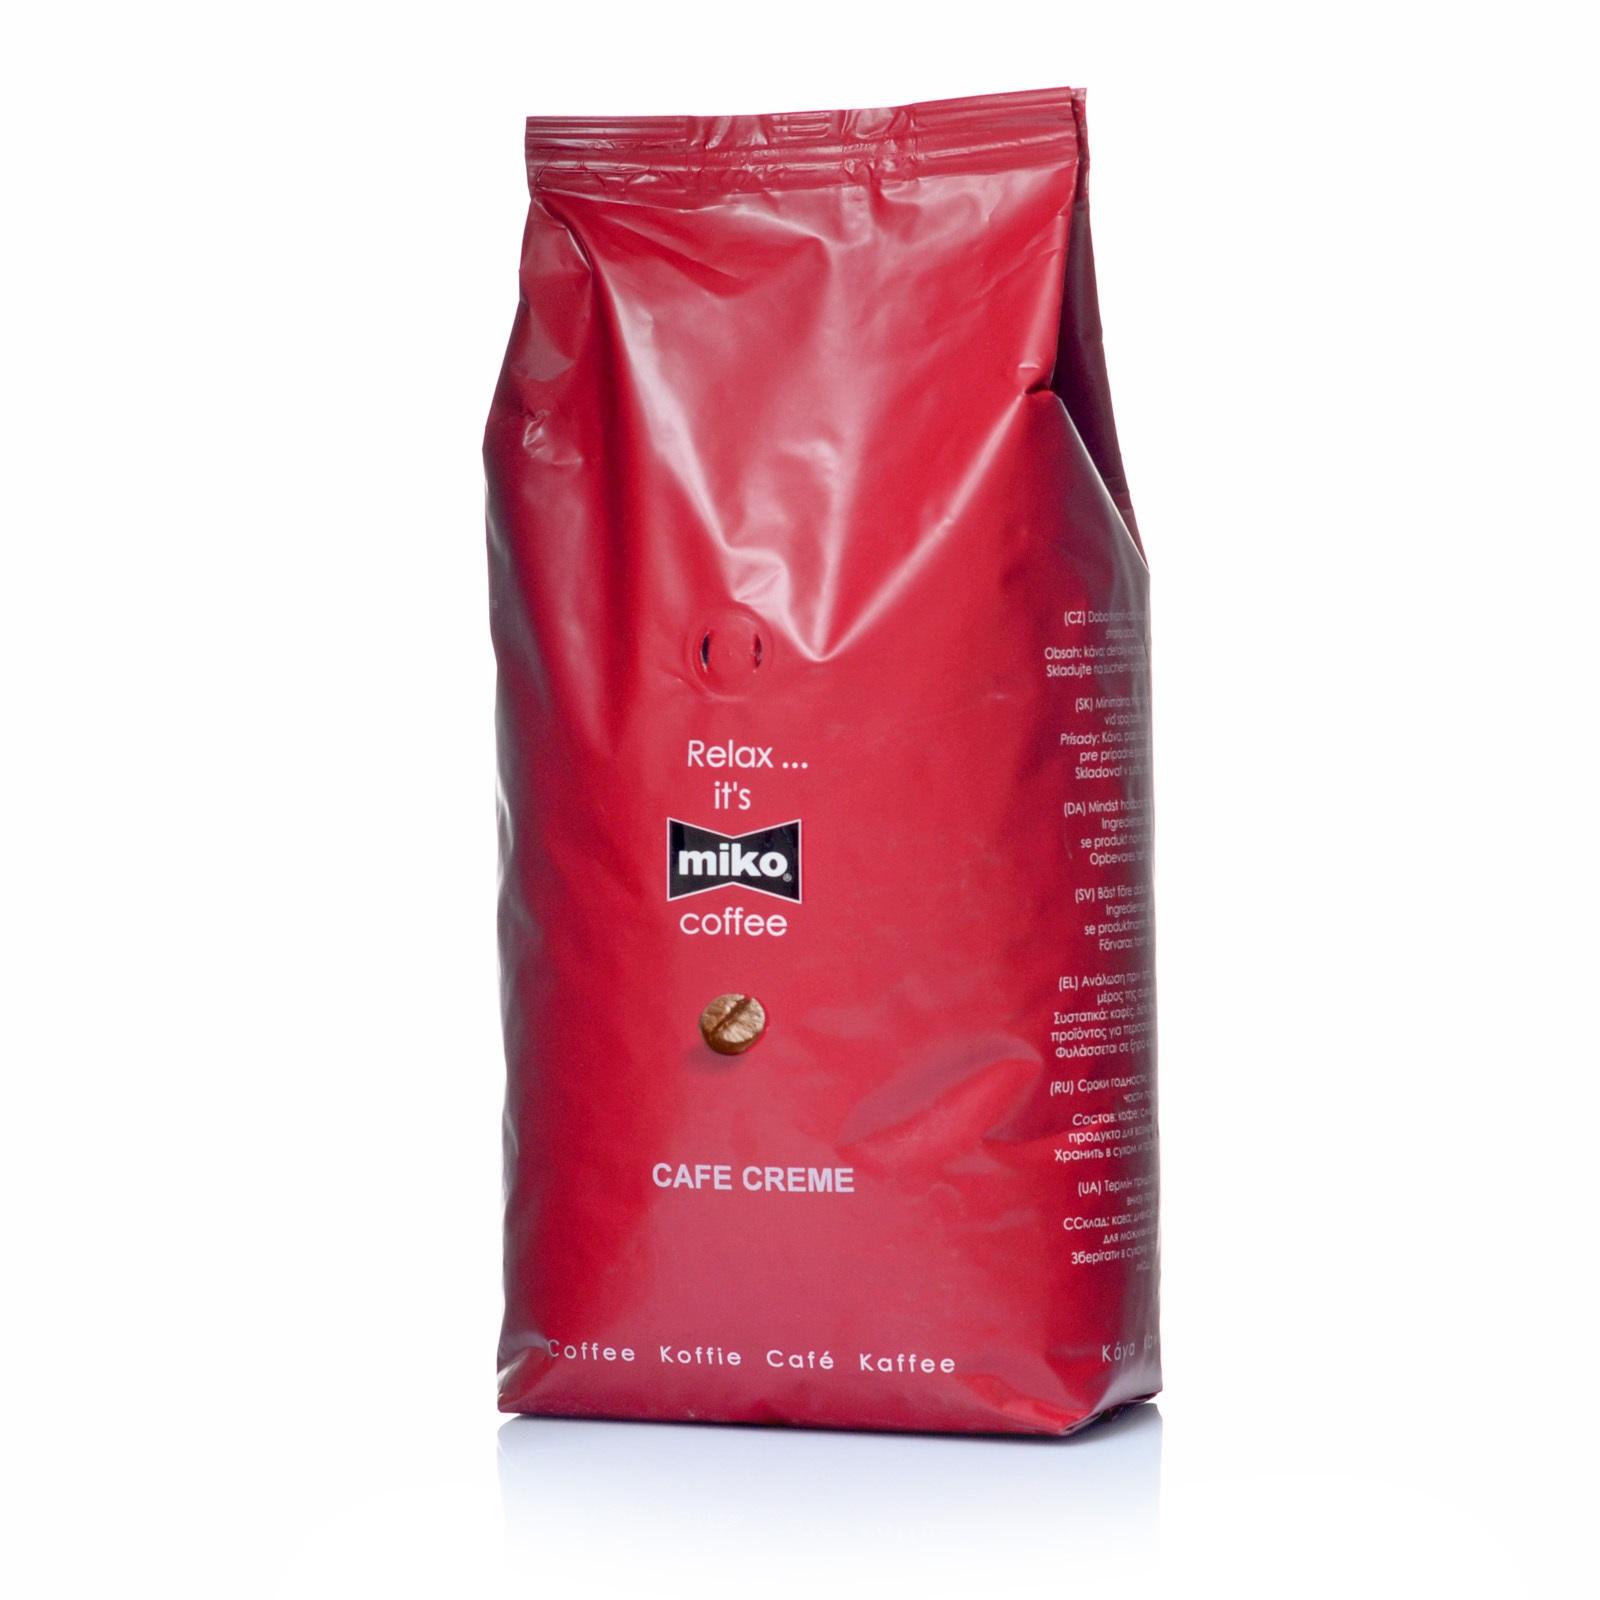 Miko Cafe Creme Schümli 1Kg Kaffeebohnen ganze Bohne